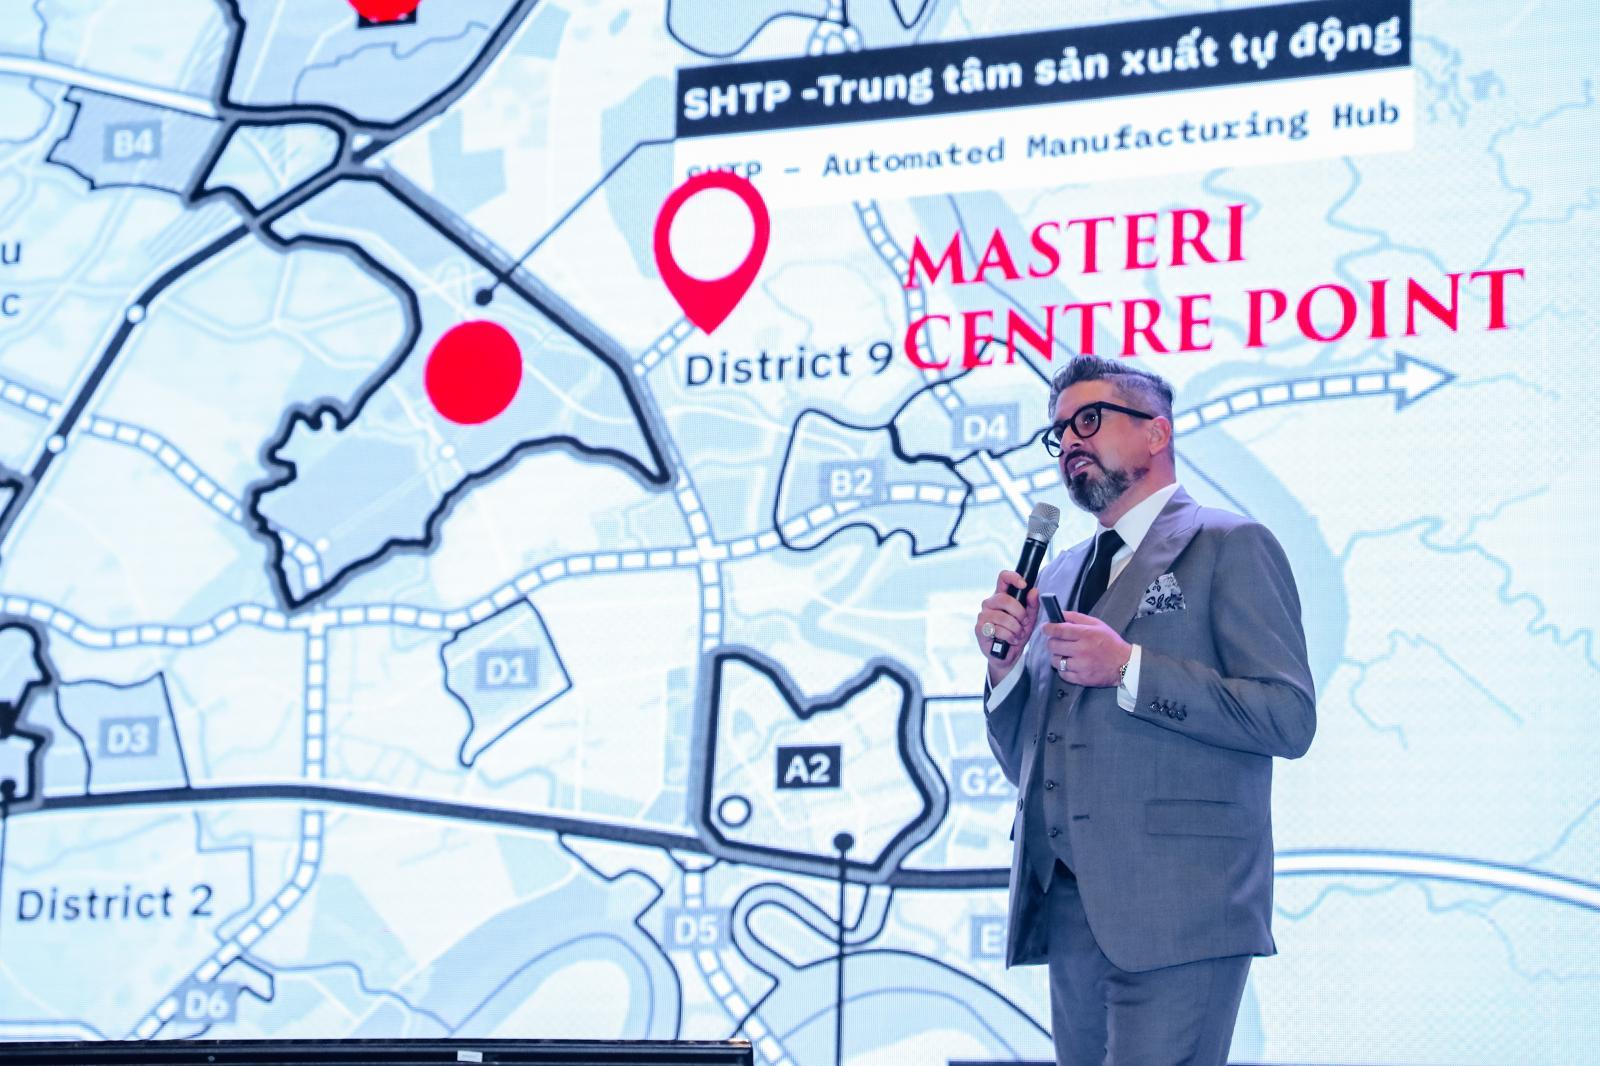 Ông Gibran Bukhari - Giám đốc khối Kinh doanh Masterise Homes chia sẻ nhận định về thị trường bất động sản Việt Nam hiện nay, đặc biệt là khu vực quận 9